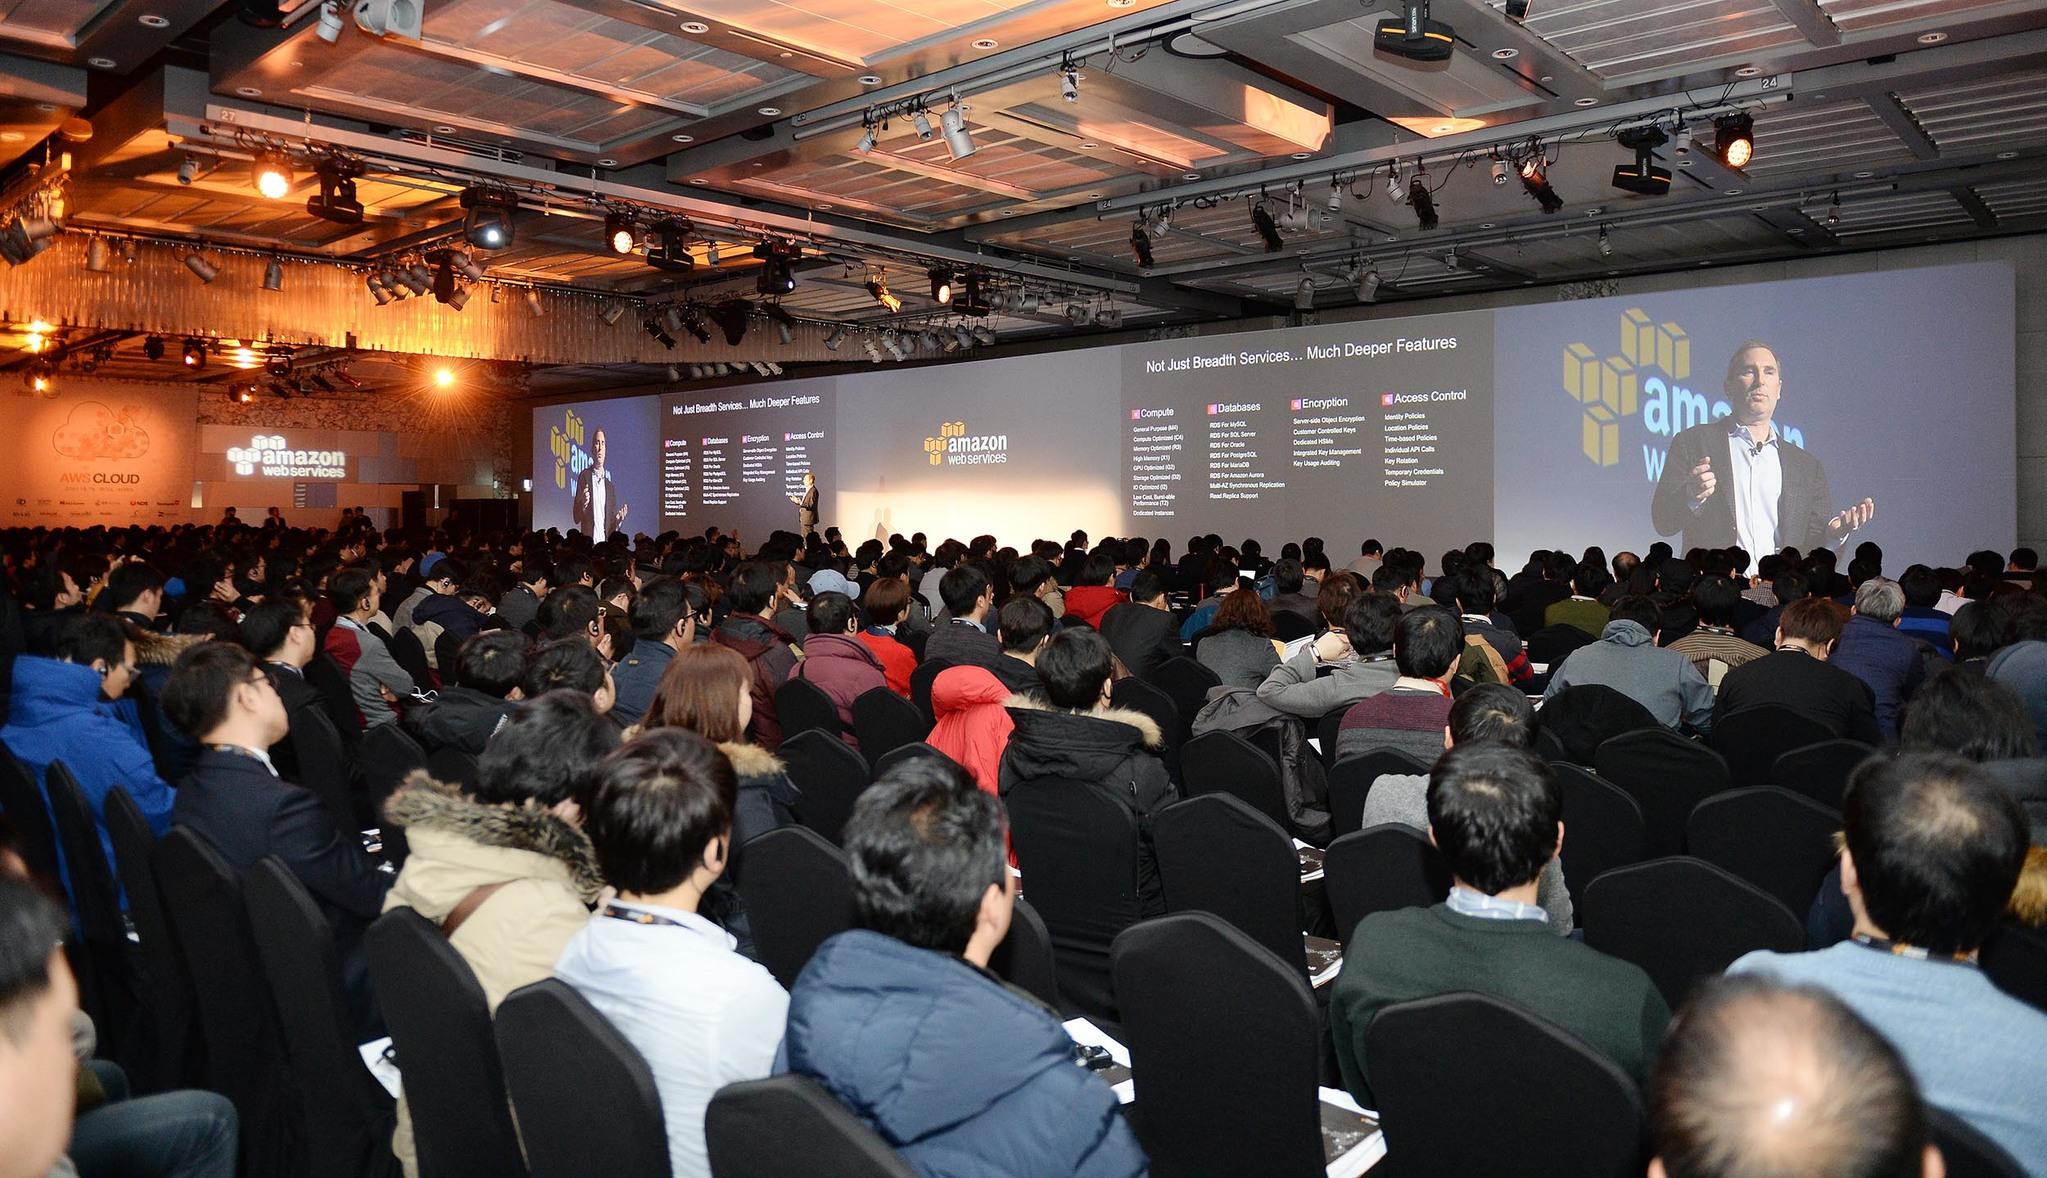 """앤디 재시 아마존웹서비스 (AWS) 사장이 2016년 1월7일 서울 코엑스에서 열린 AWS행사에서 한국 데이터센터에 대해 설명하고 있다. 그는 """"한국 고객들도 1000분의1초의 속도로 데이터를 보관·처리할 수 있게 된다""""고 말했다. [사진=아마존 웹서비스]"""